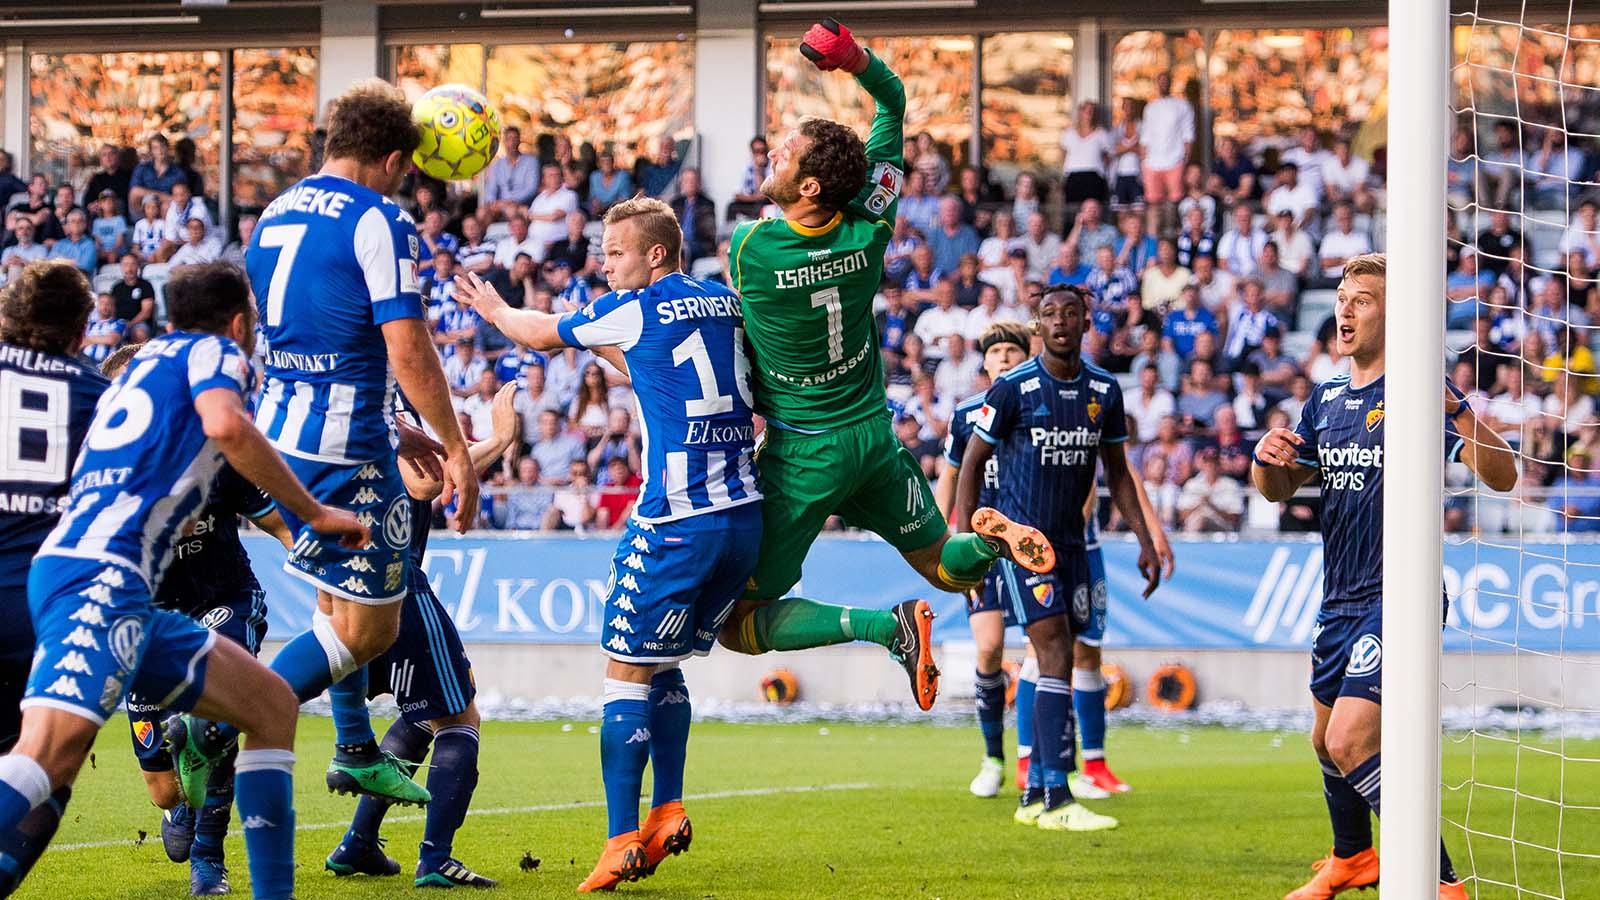 180524 IFK Göteborgs Tobias Hysén gör 1-3 under fotbollsmatchen i Allsvenskan mellan IFK Göteborg och Djurgården den 24 maj 2018 i Göteborg. Foto: Carl Sandin / BILDBYRÅN / kod CS / 57999_356